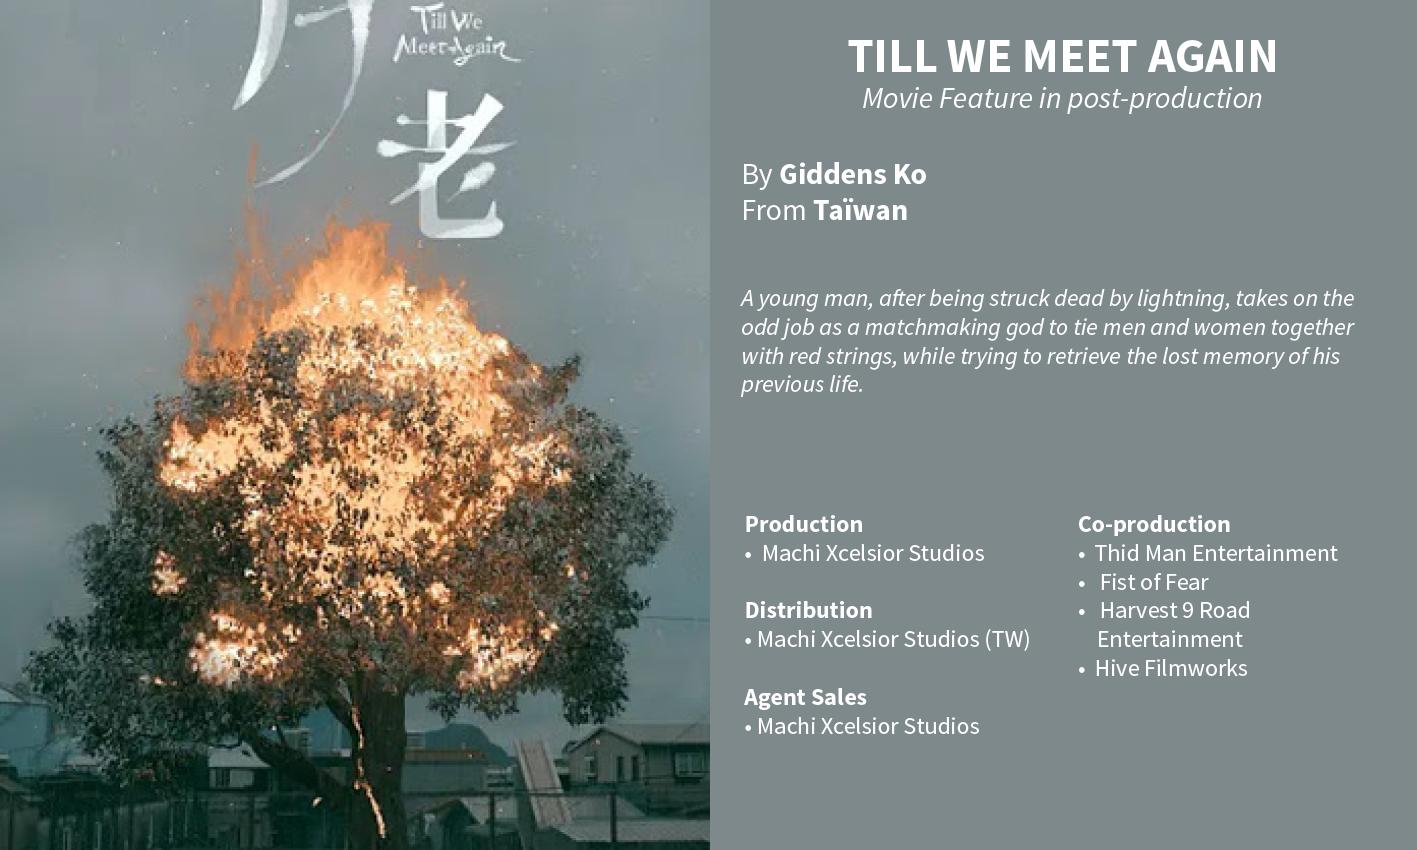 Till We Meet Again - Giddens Ko